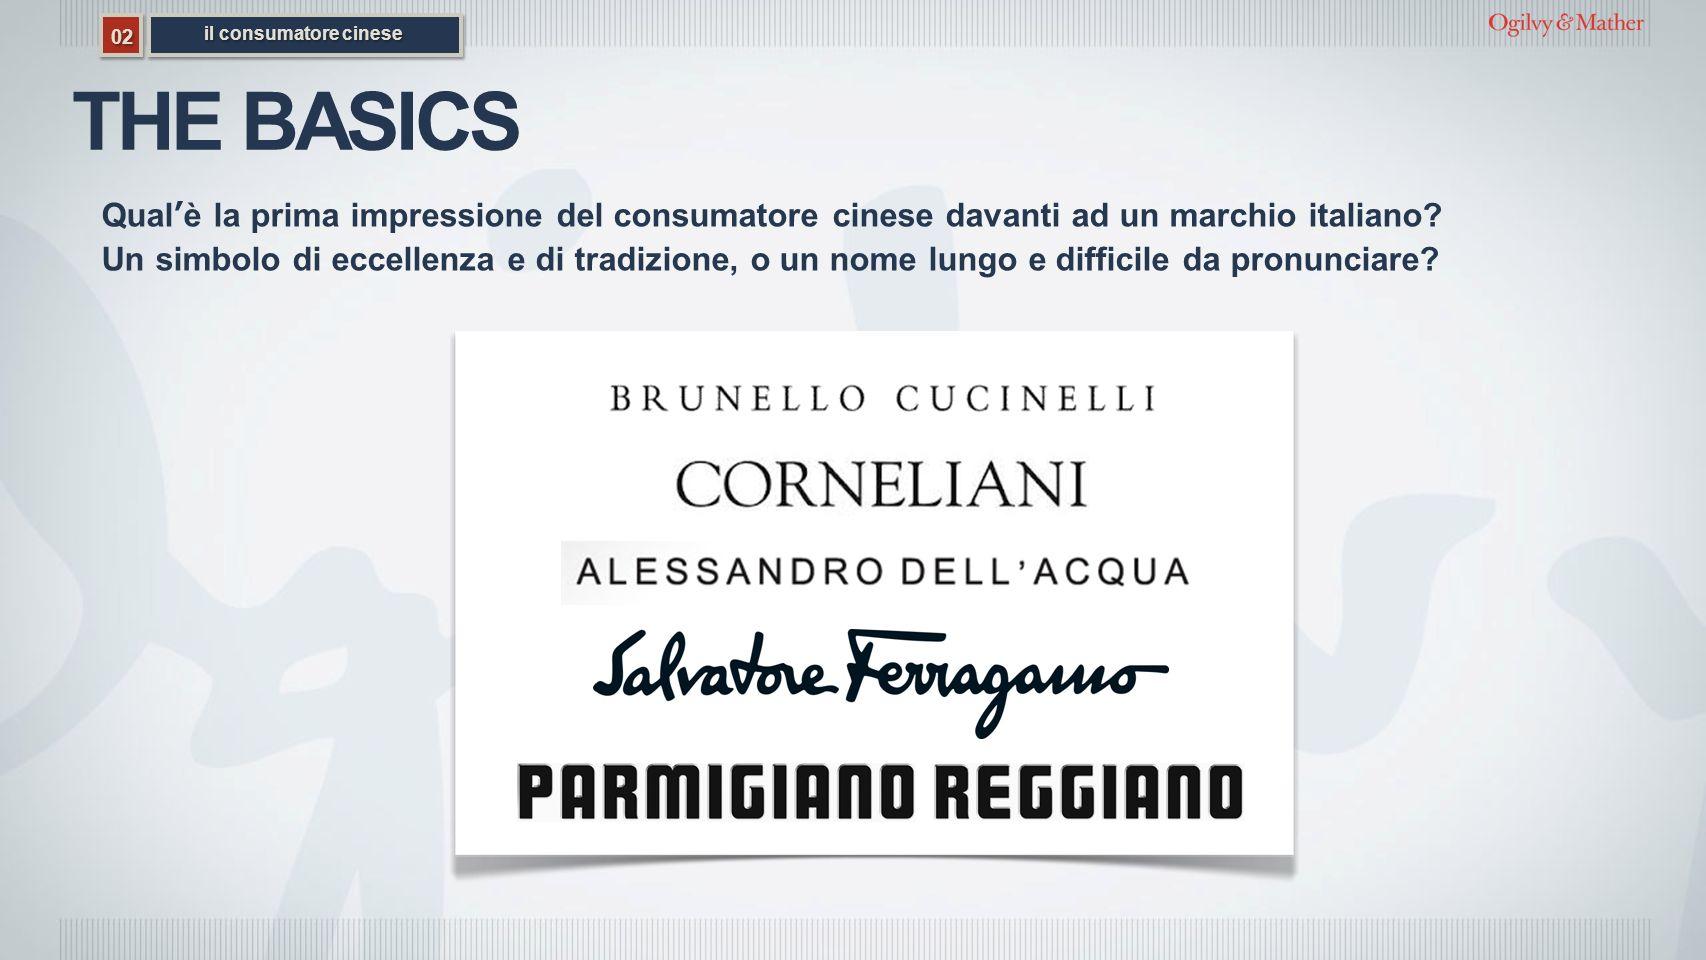 02 il consumatore cinese. THE BASICS. Qual'è la prima impressione del consumatore cinese davanti ad un marchio italiano